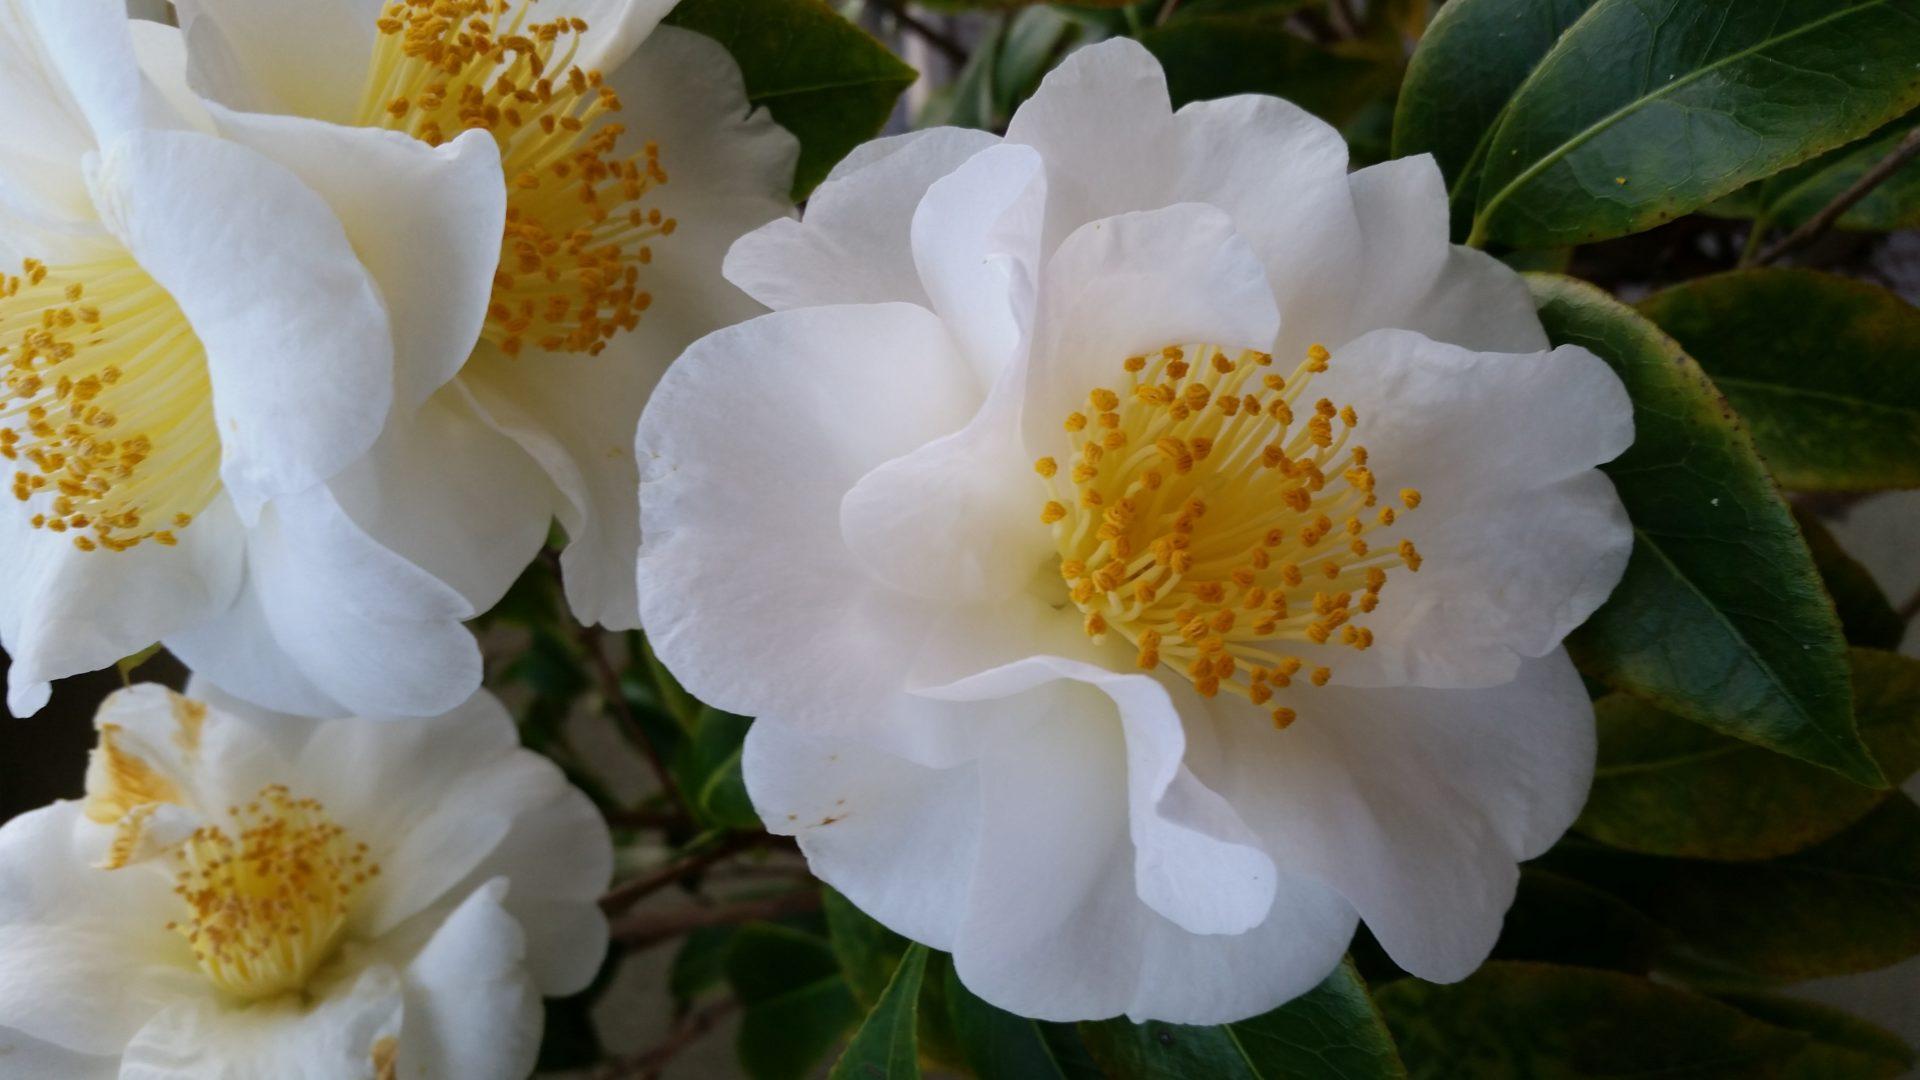 March Magnolia